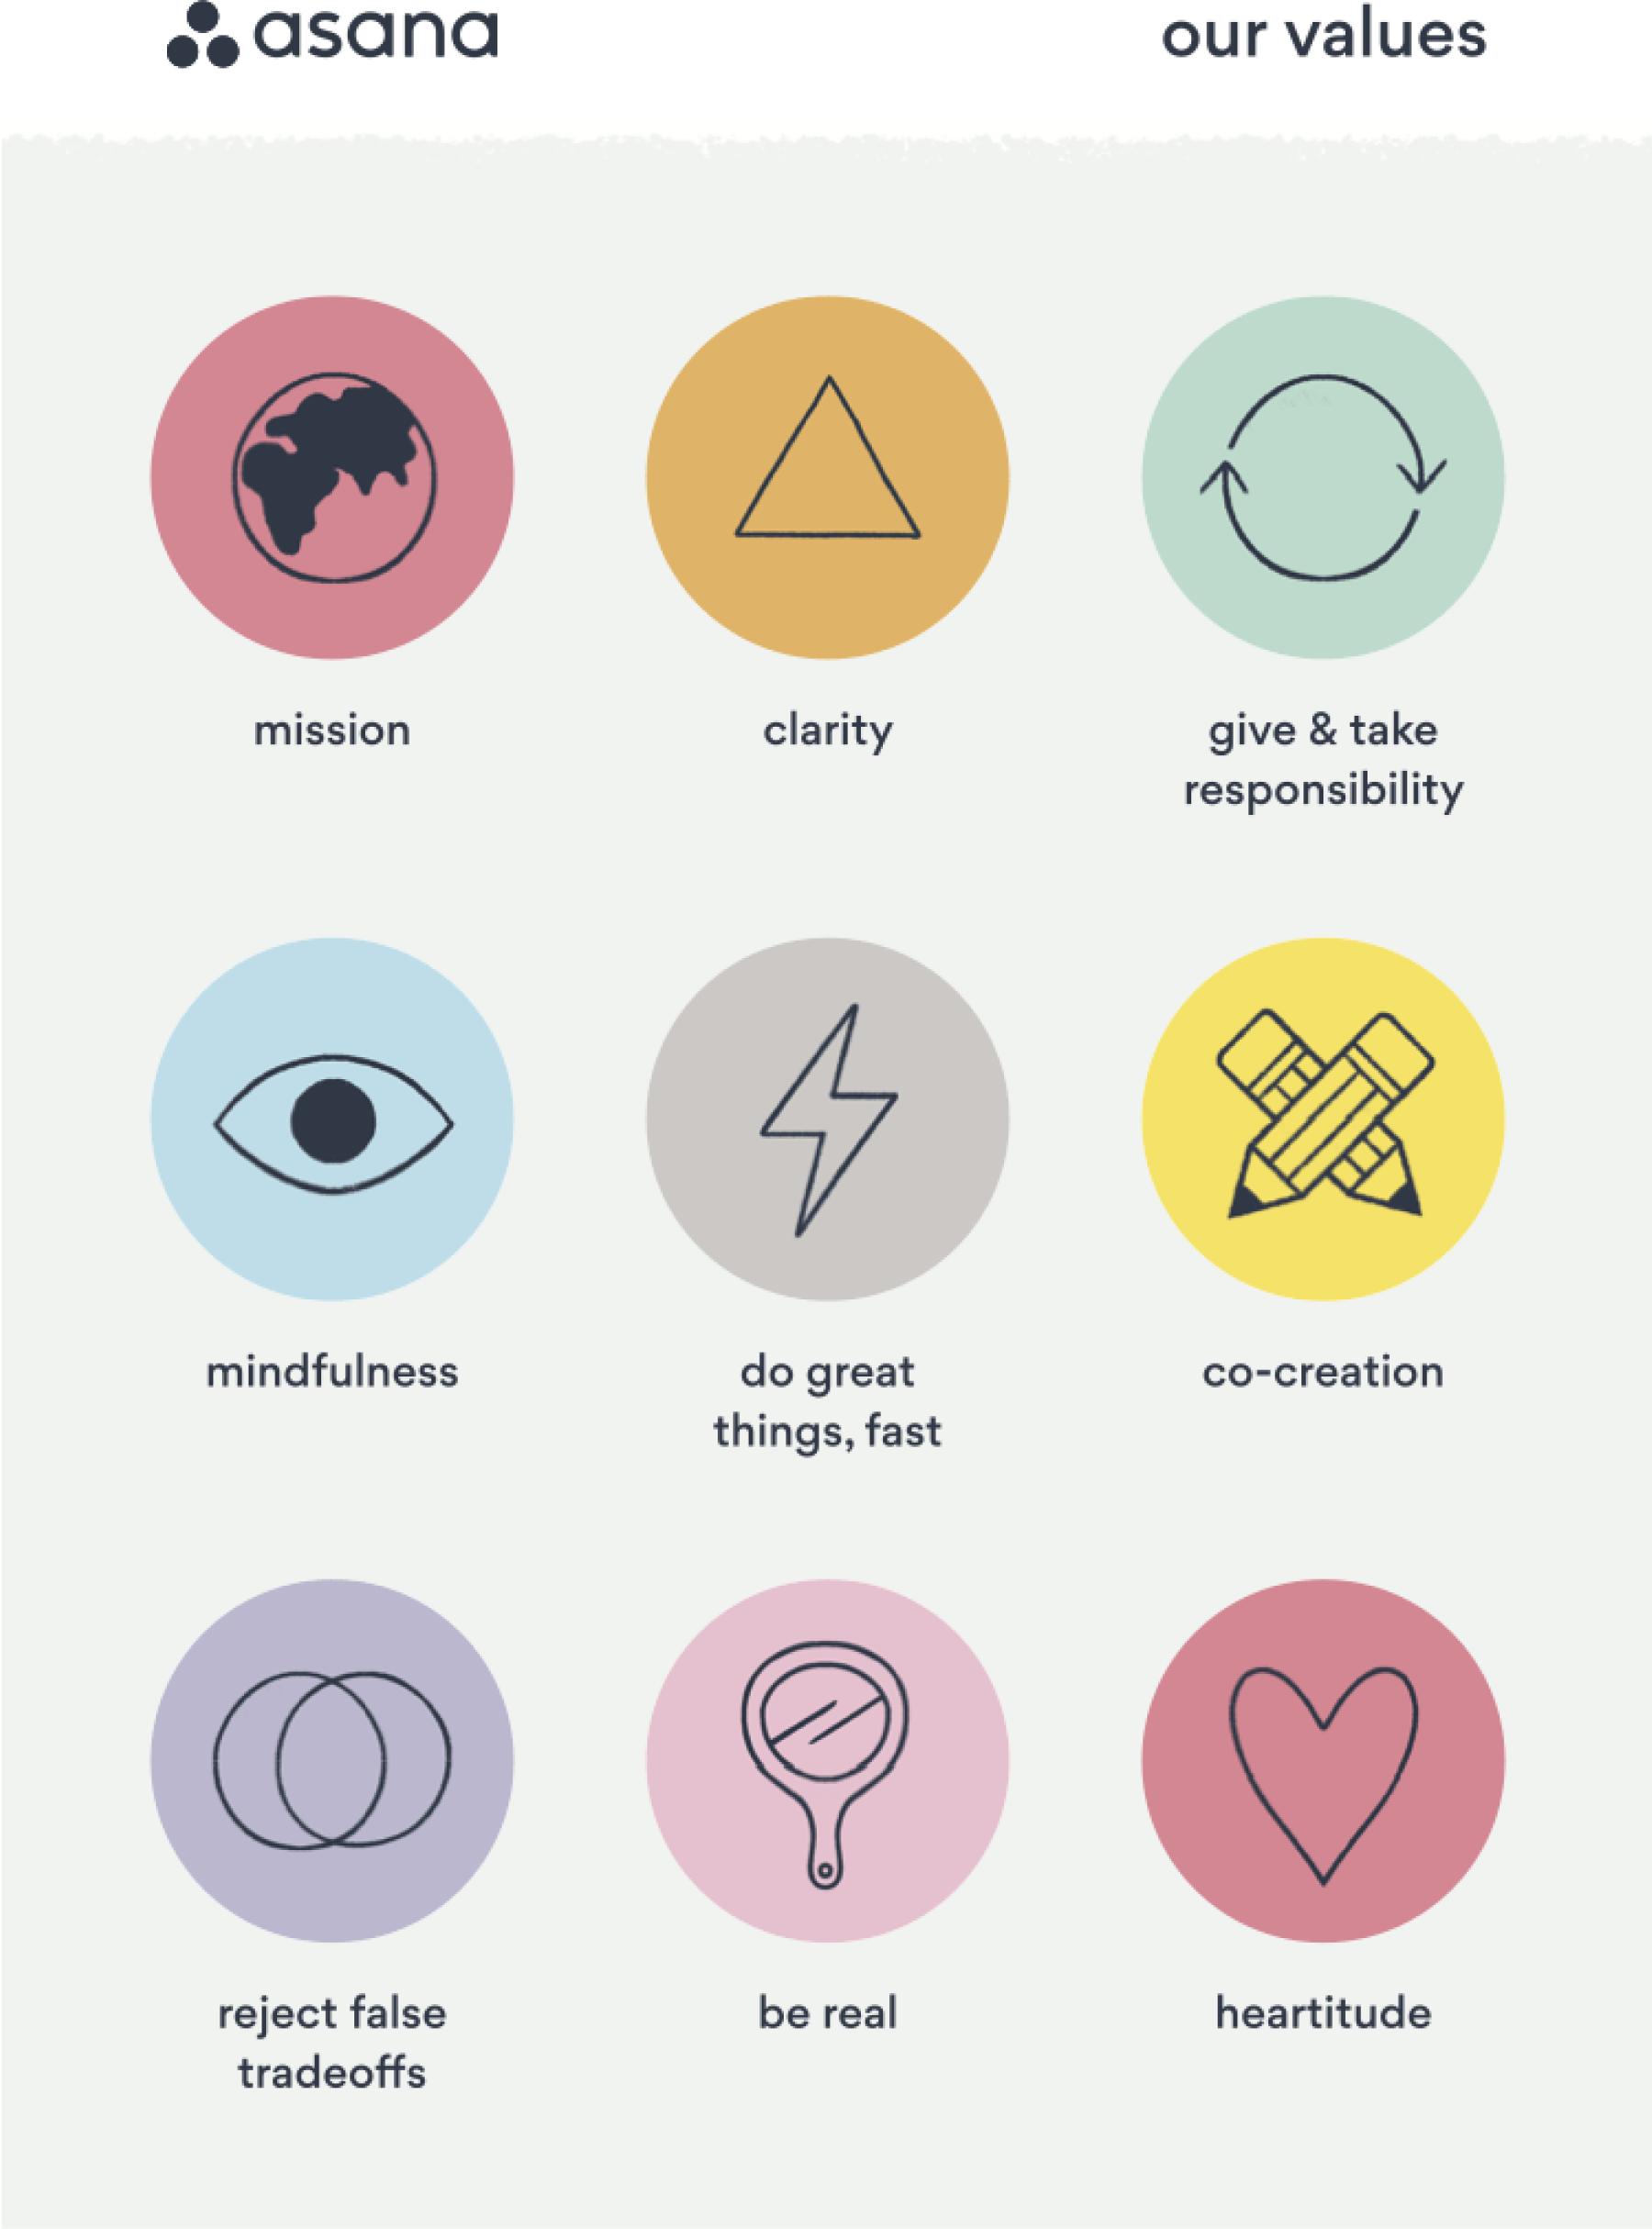 Los nueve valores de Asana: misión, transparencia, asignar y asumir responsabilidades, atención consciente, hacer grandes cosas más rápido, cocreación, descartar que solamente se pueda elegir entre dos alternativas, autenticidad y actitud emotiva.